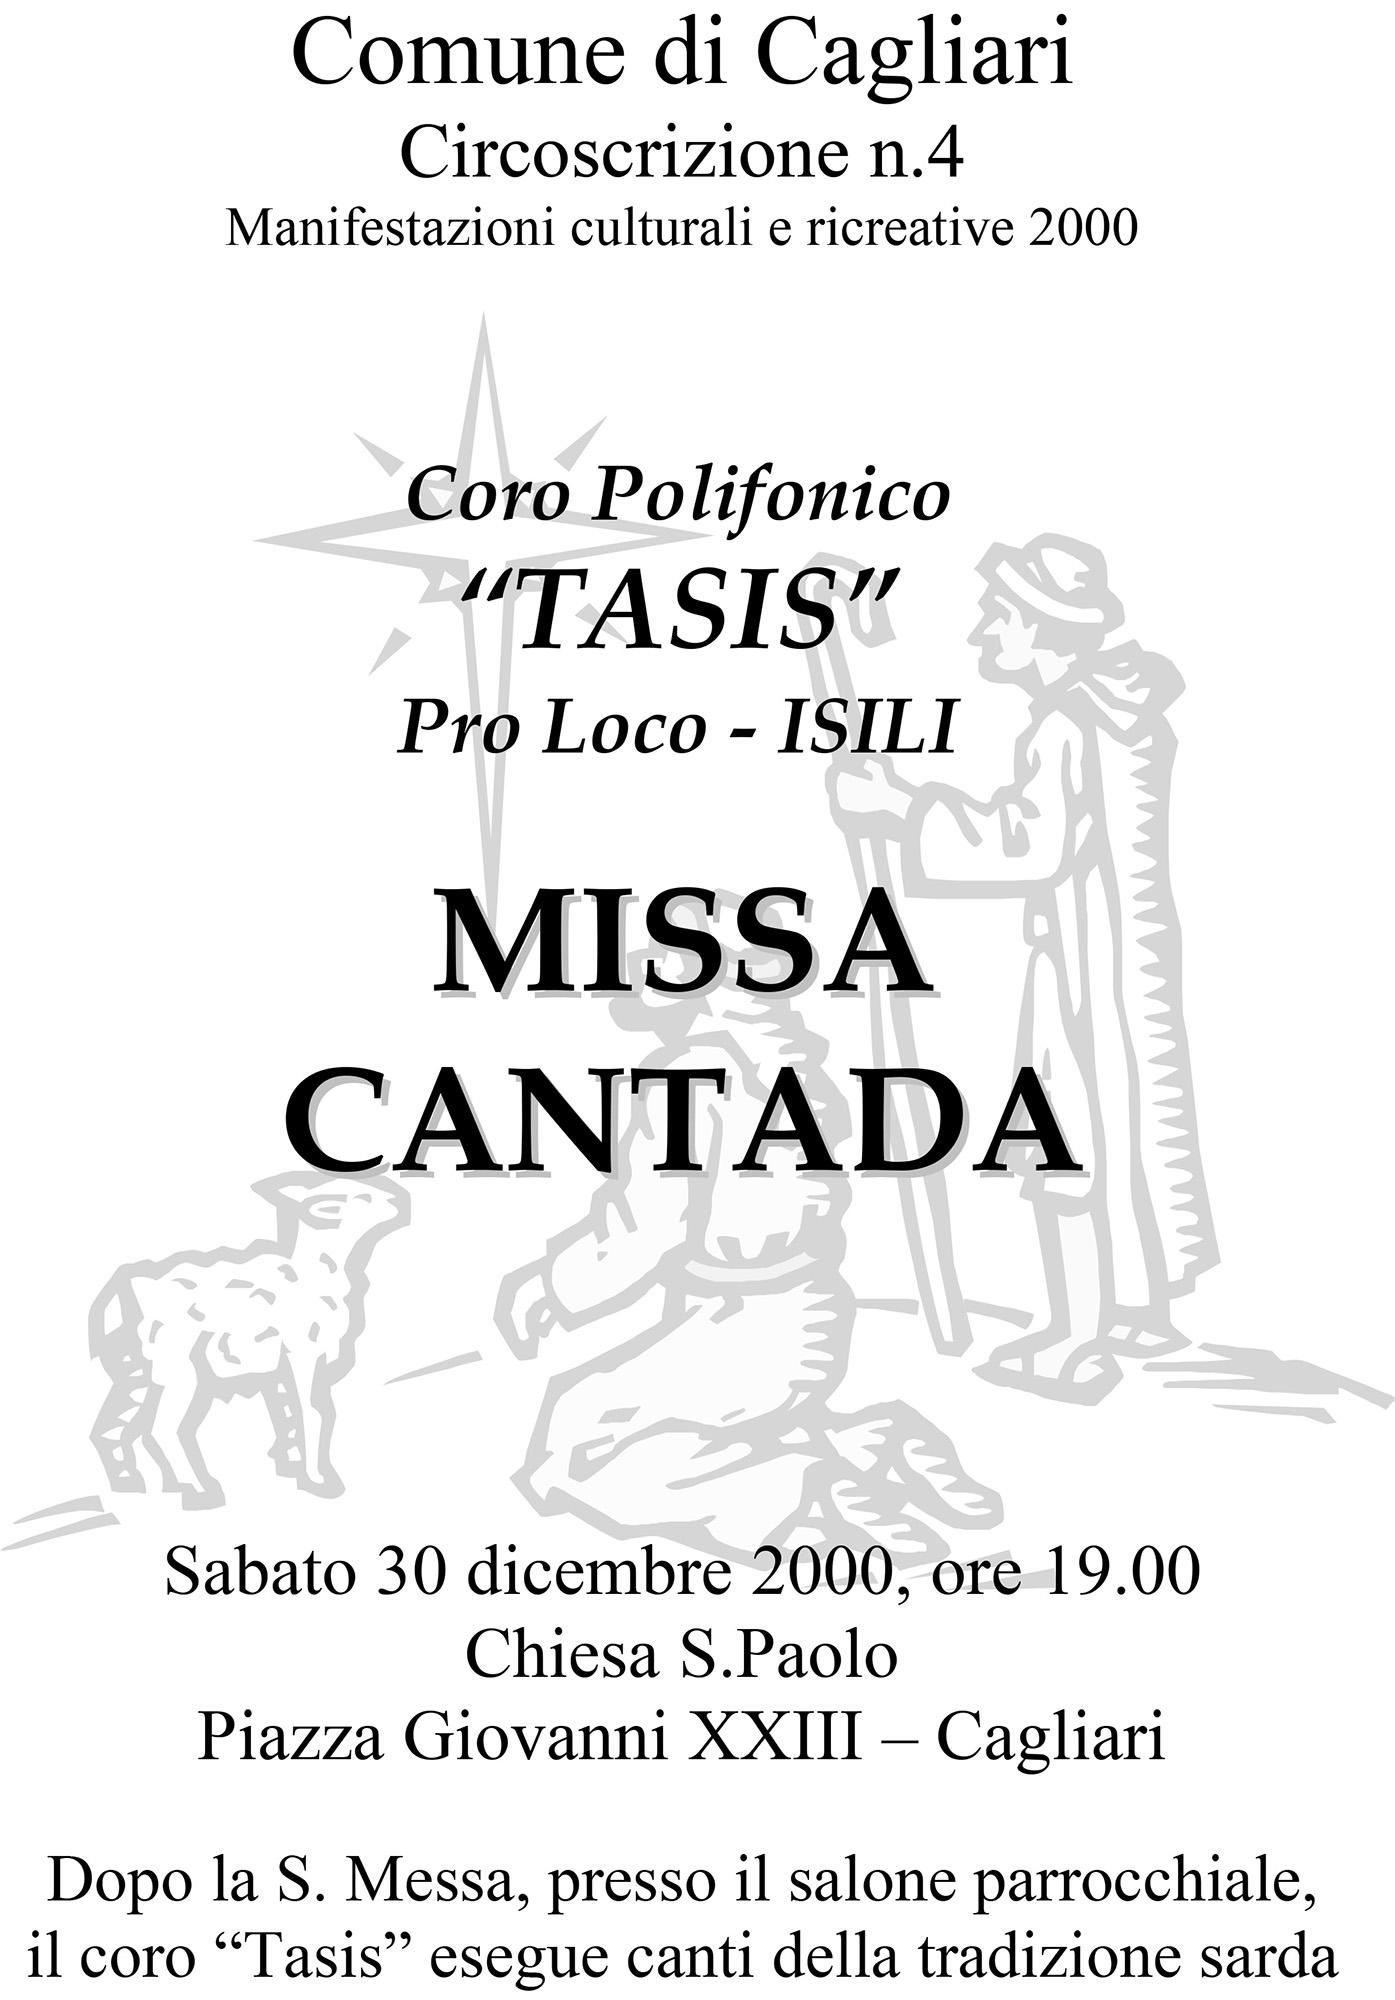 Comune di Cagliari 2000